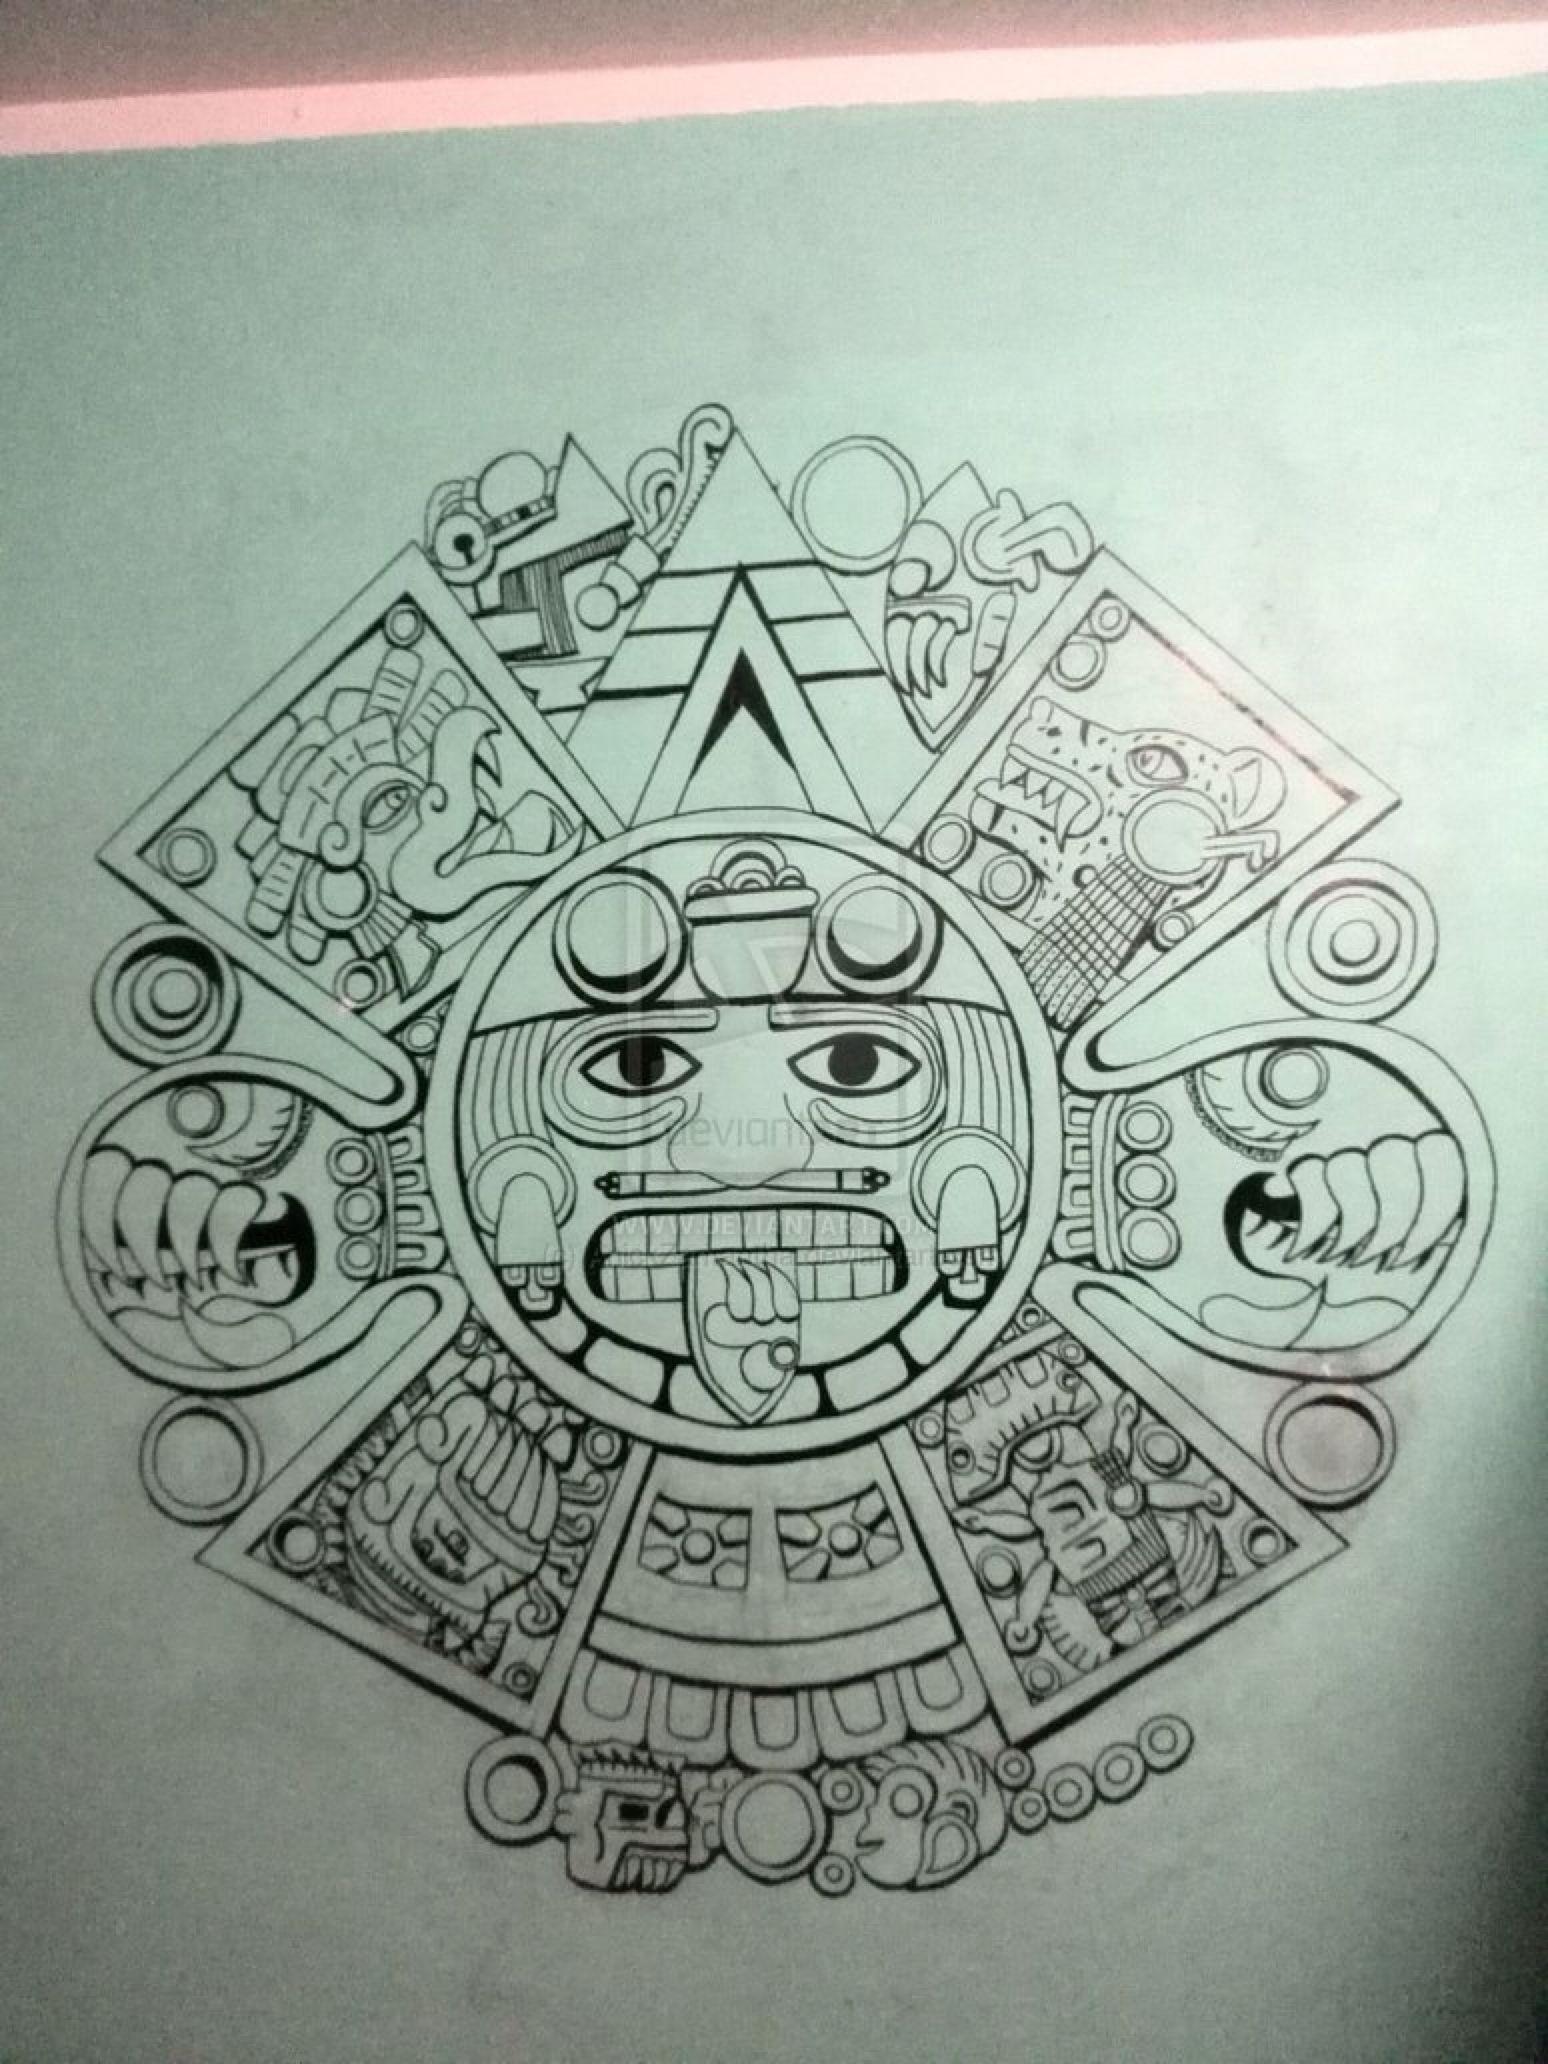 Calendar Drawing Design : Aztec calendar by anickzamantha on deviantart …